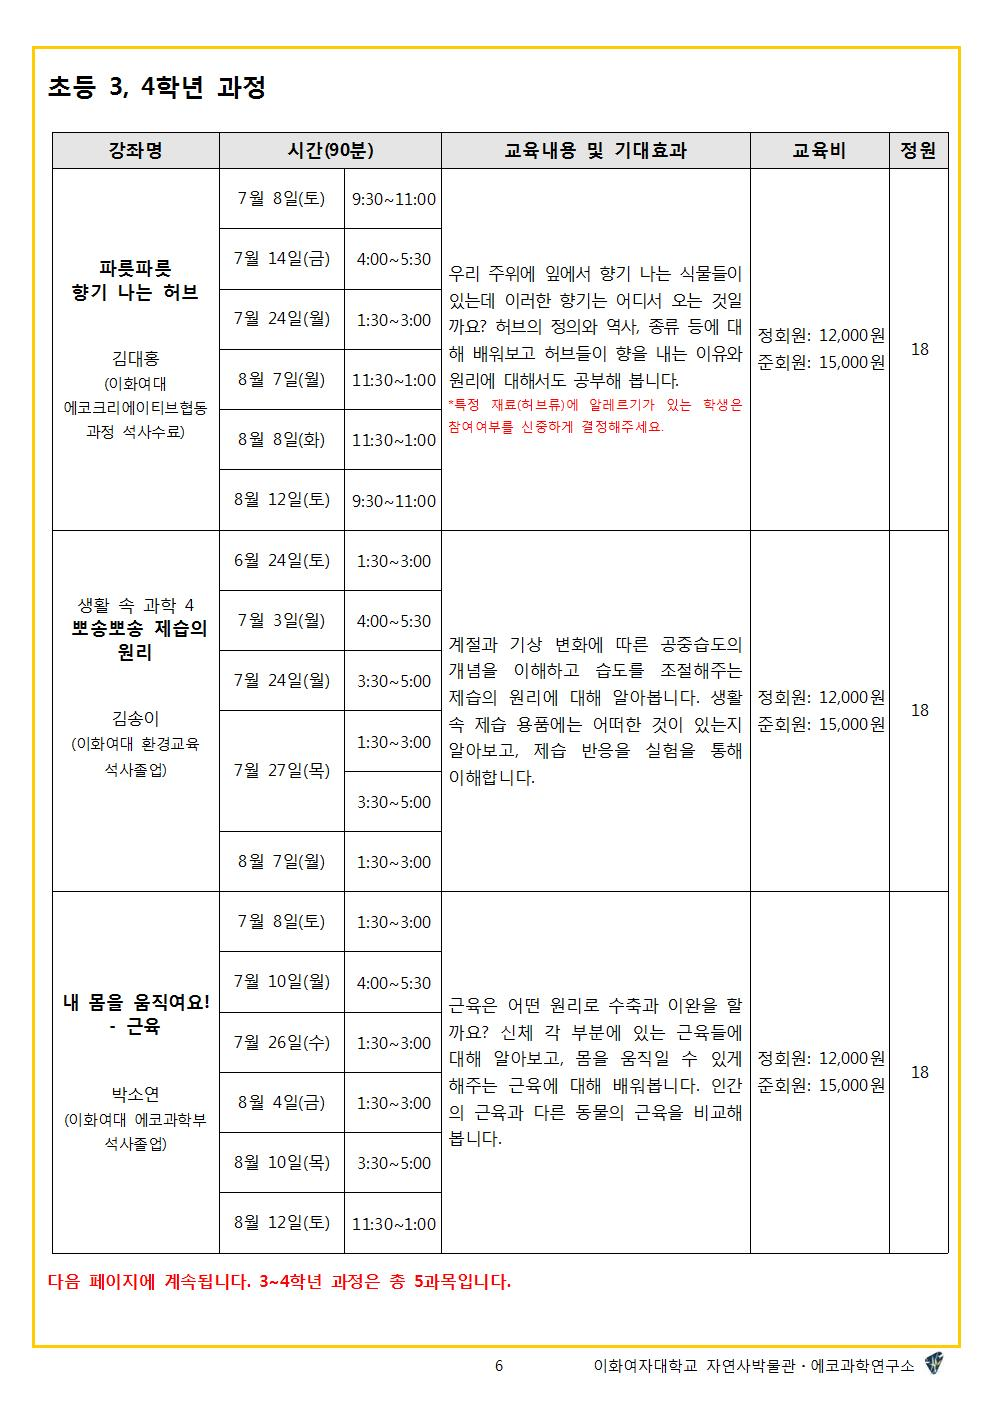 [2017 여름]자연사교실 시간표6